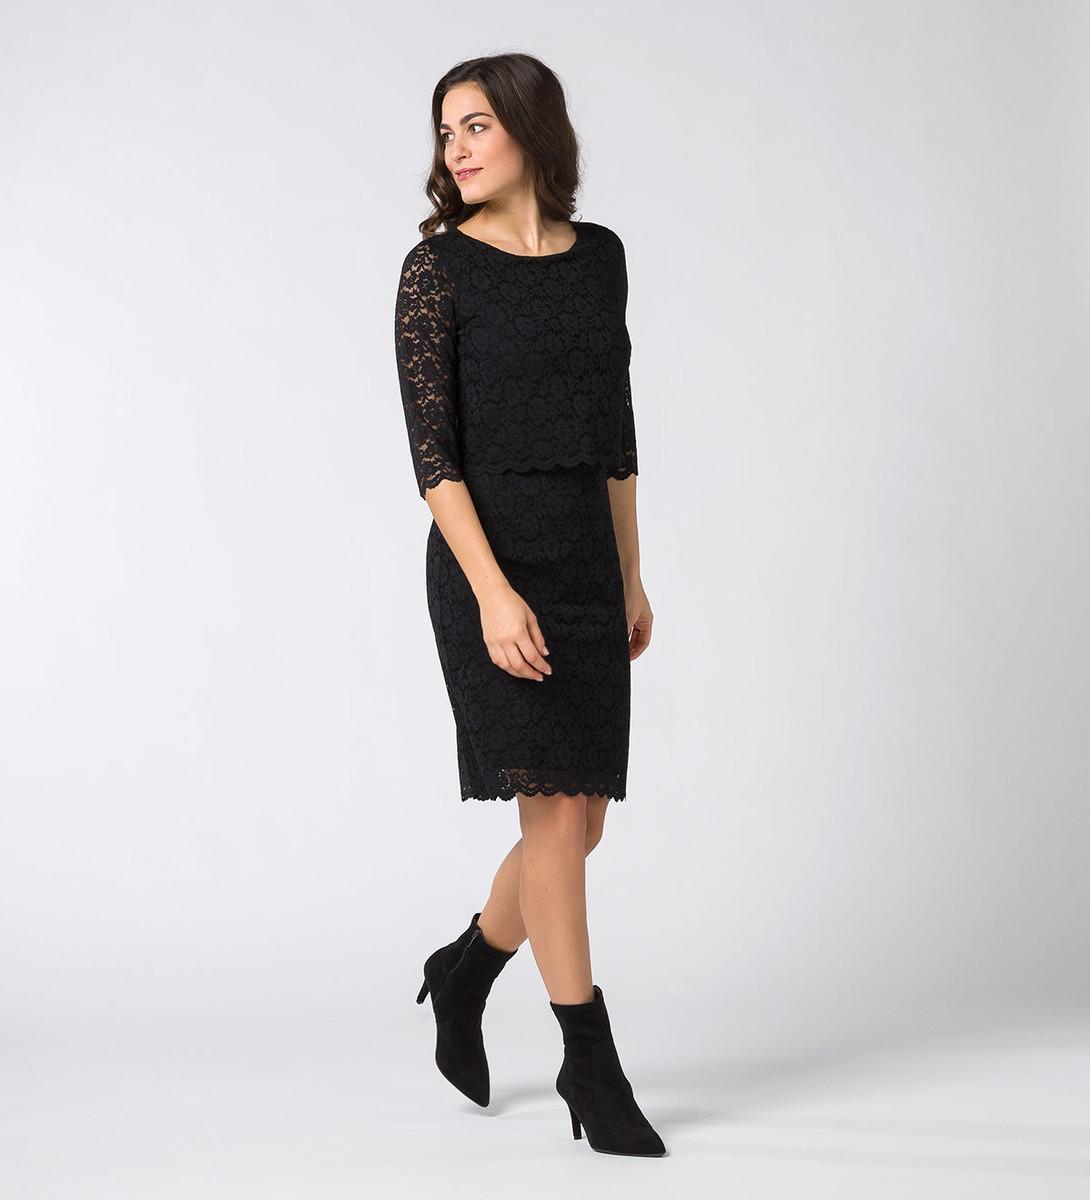 Kleid aus Spitze black